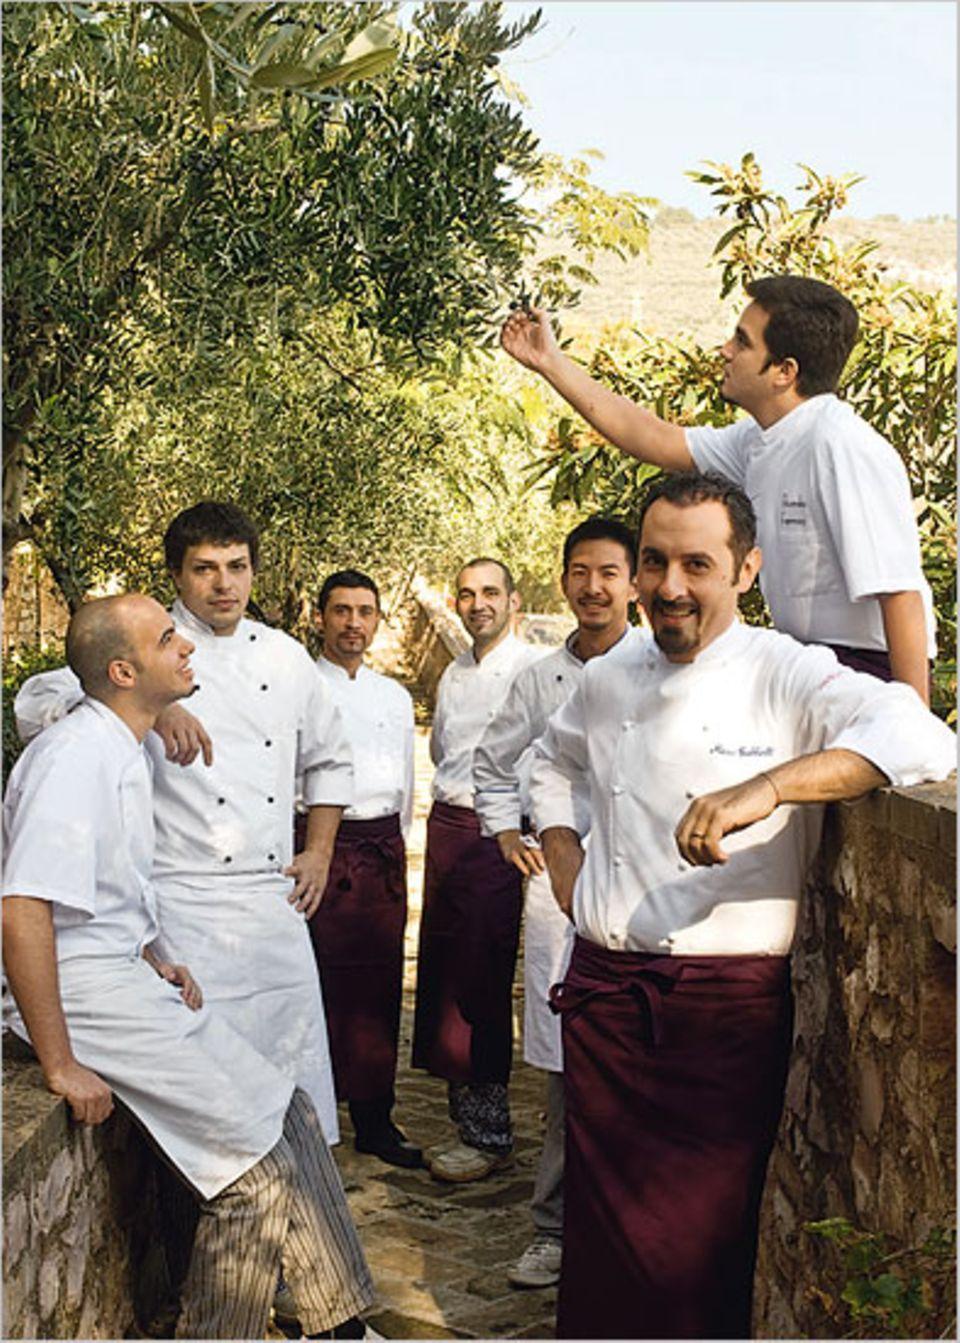 Die Köche stammen aus Italien, Japan, den USA und Brasilien und widmen sich den Traditionen Umbriens